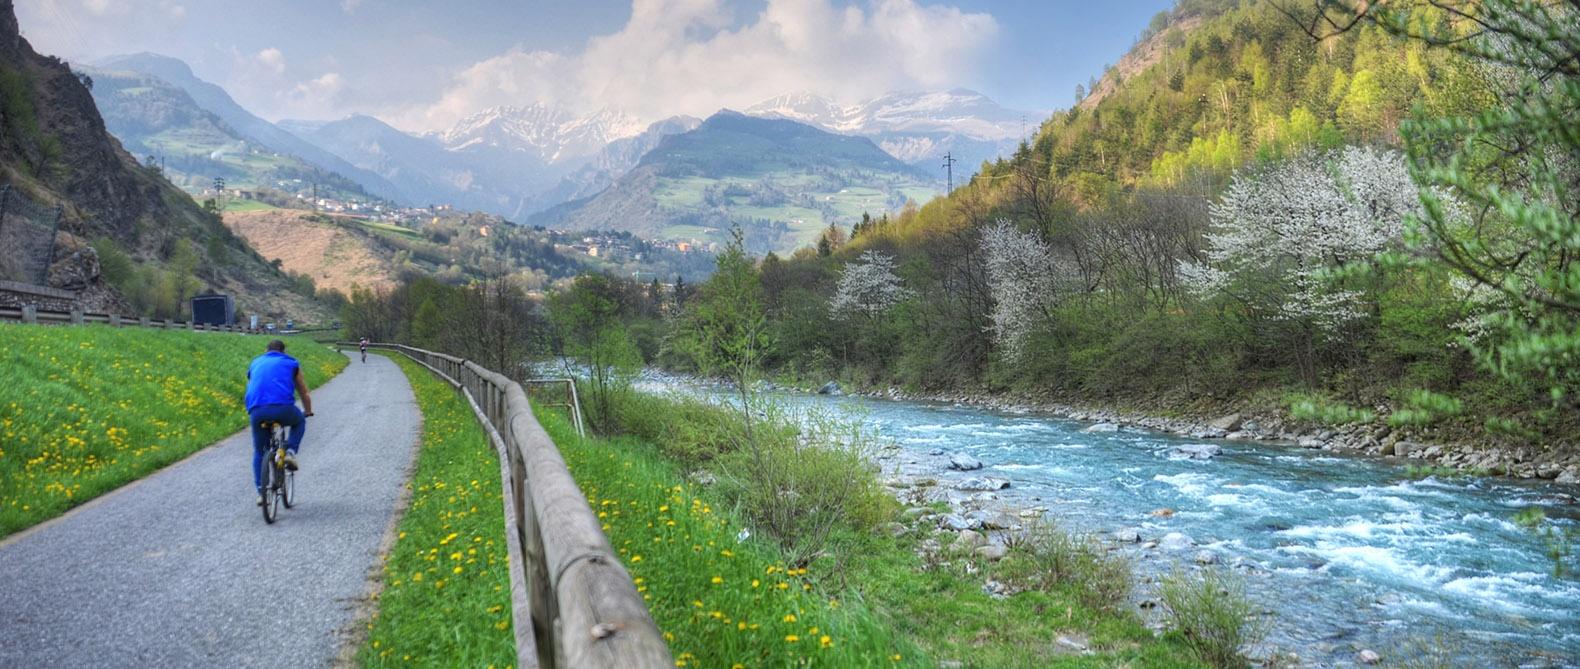 Ciclabile della Val Seriana - Visit Bergamo